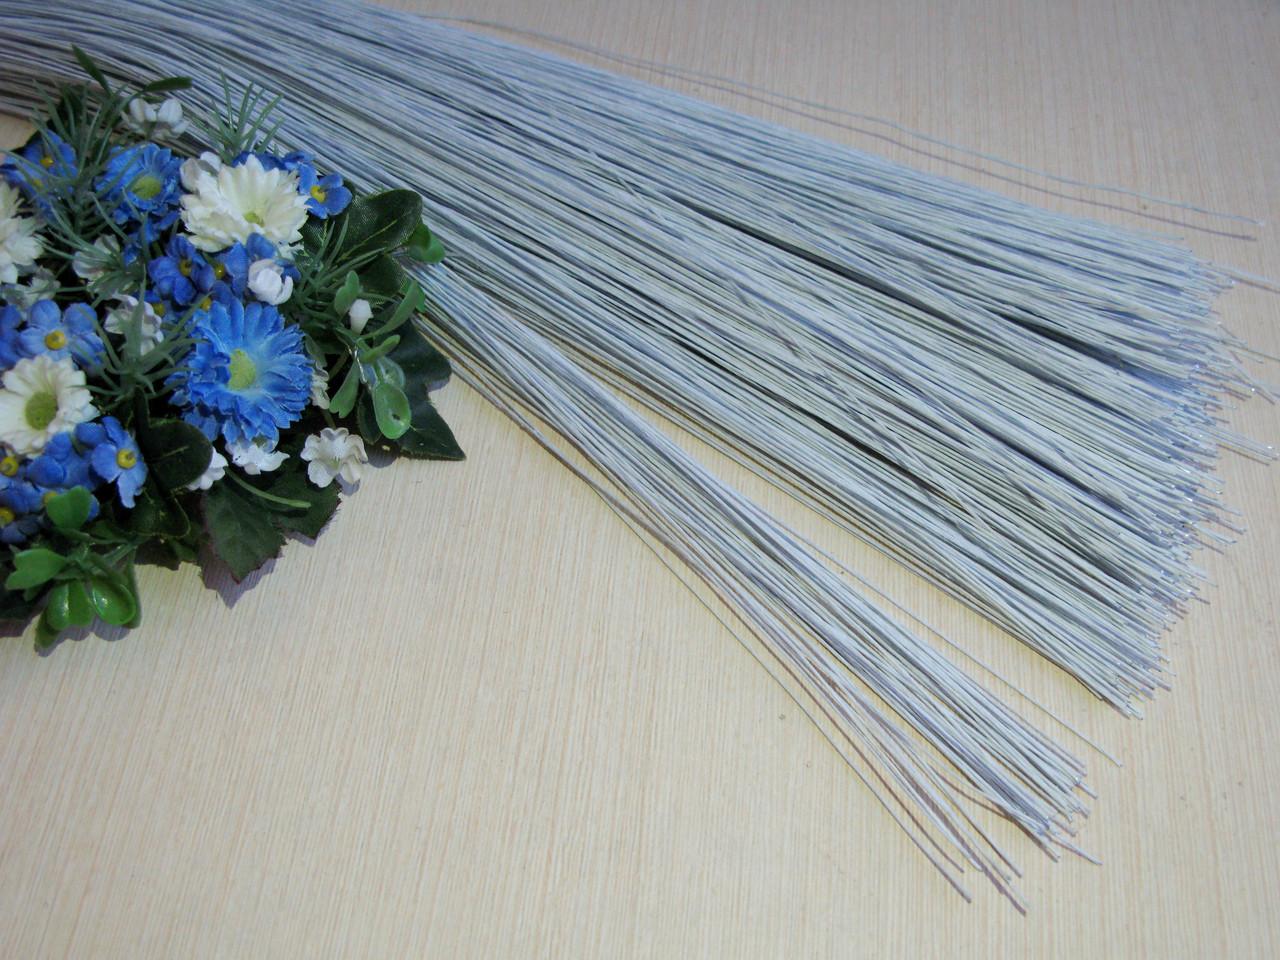 Проволока флористическая тейпированная. Диаметр 0.5 мм. Белая 26 грн - 50 шт (длина 60 см)